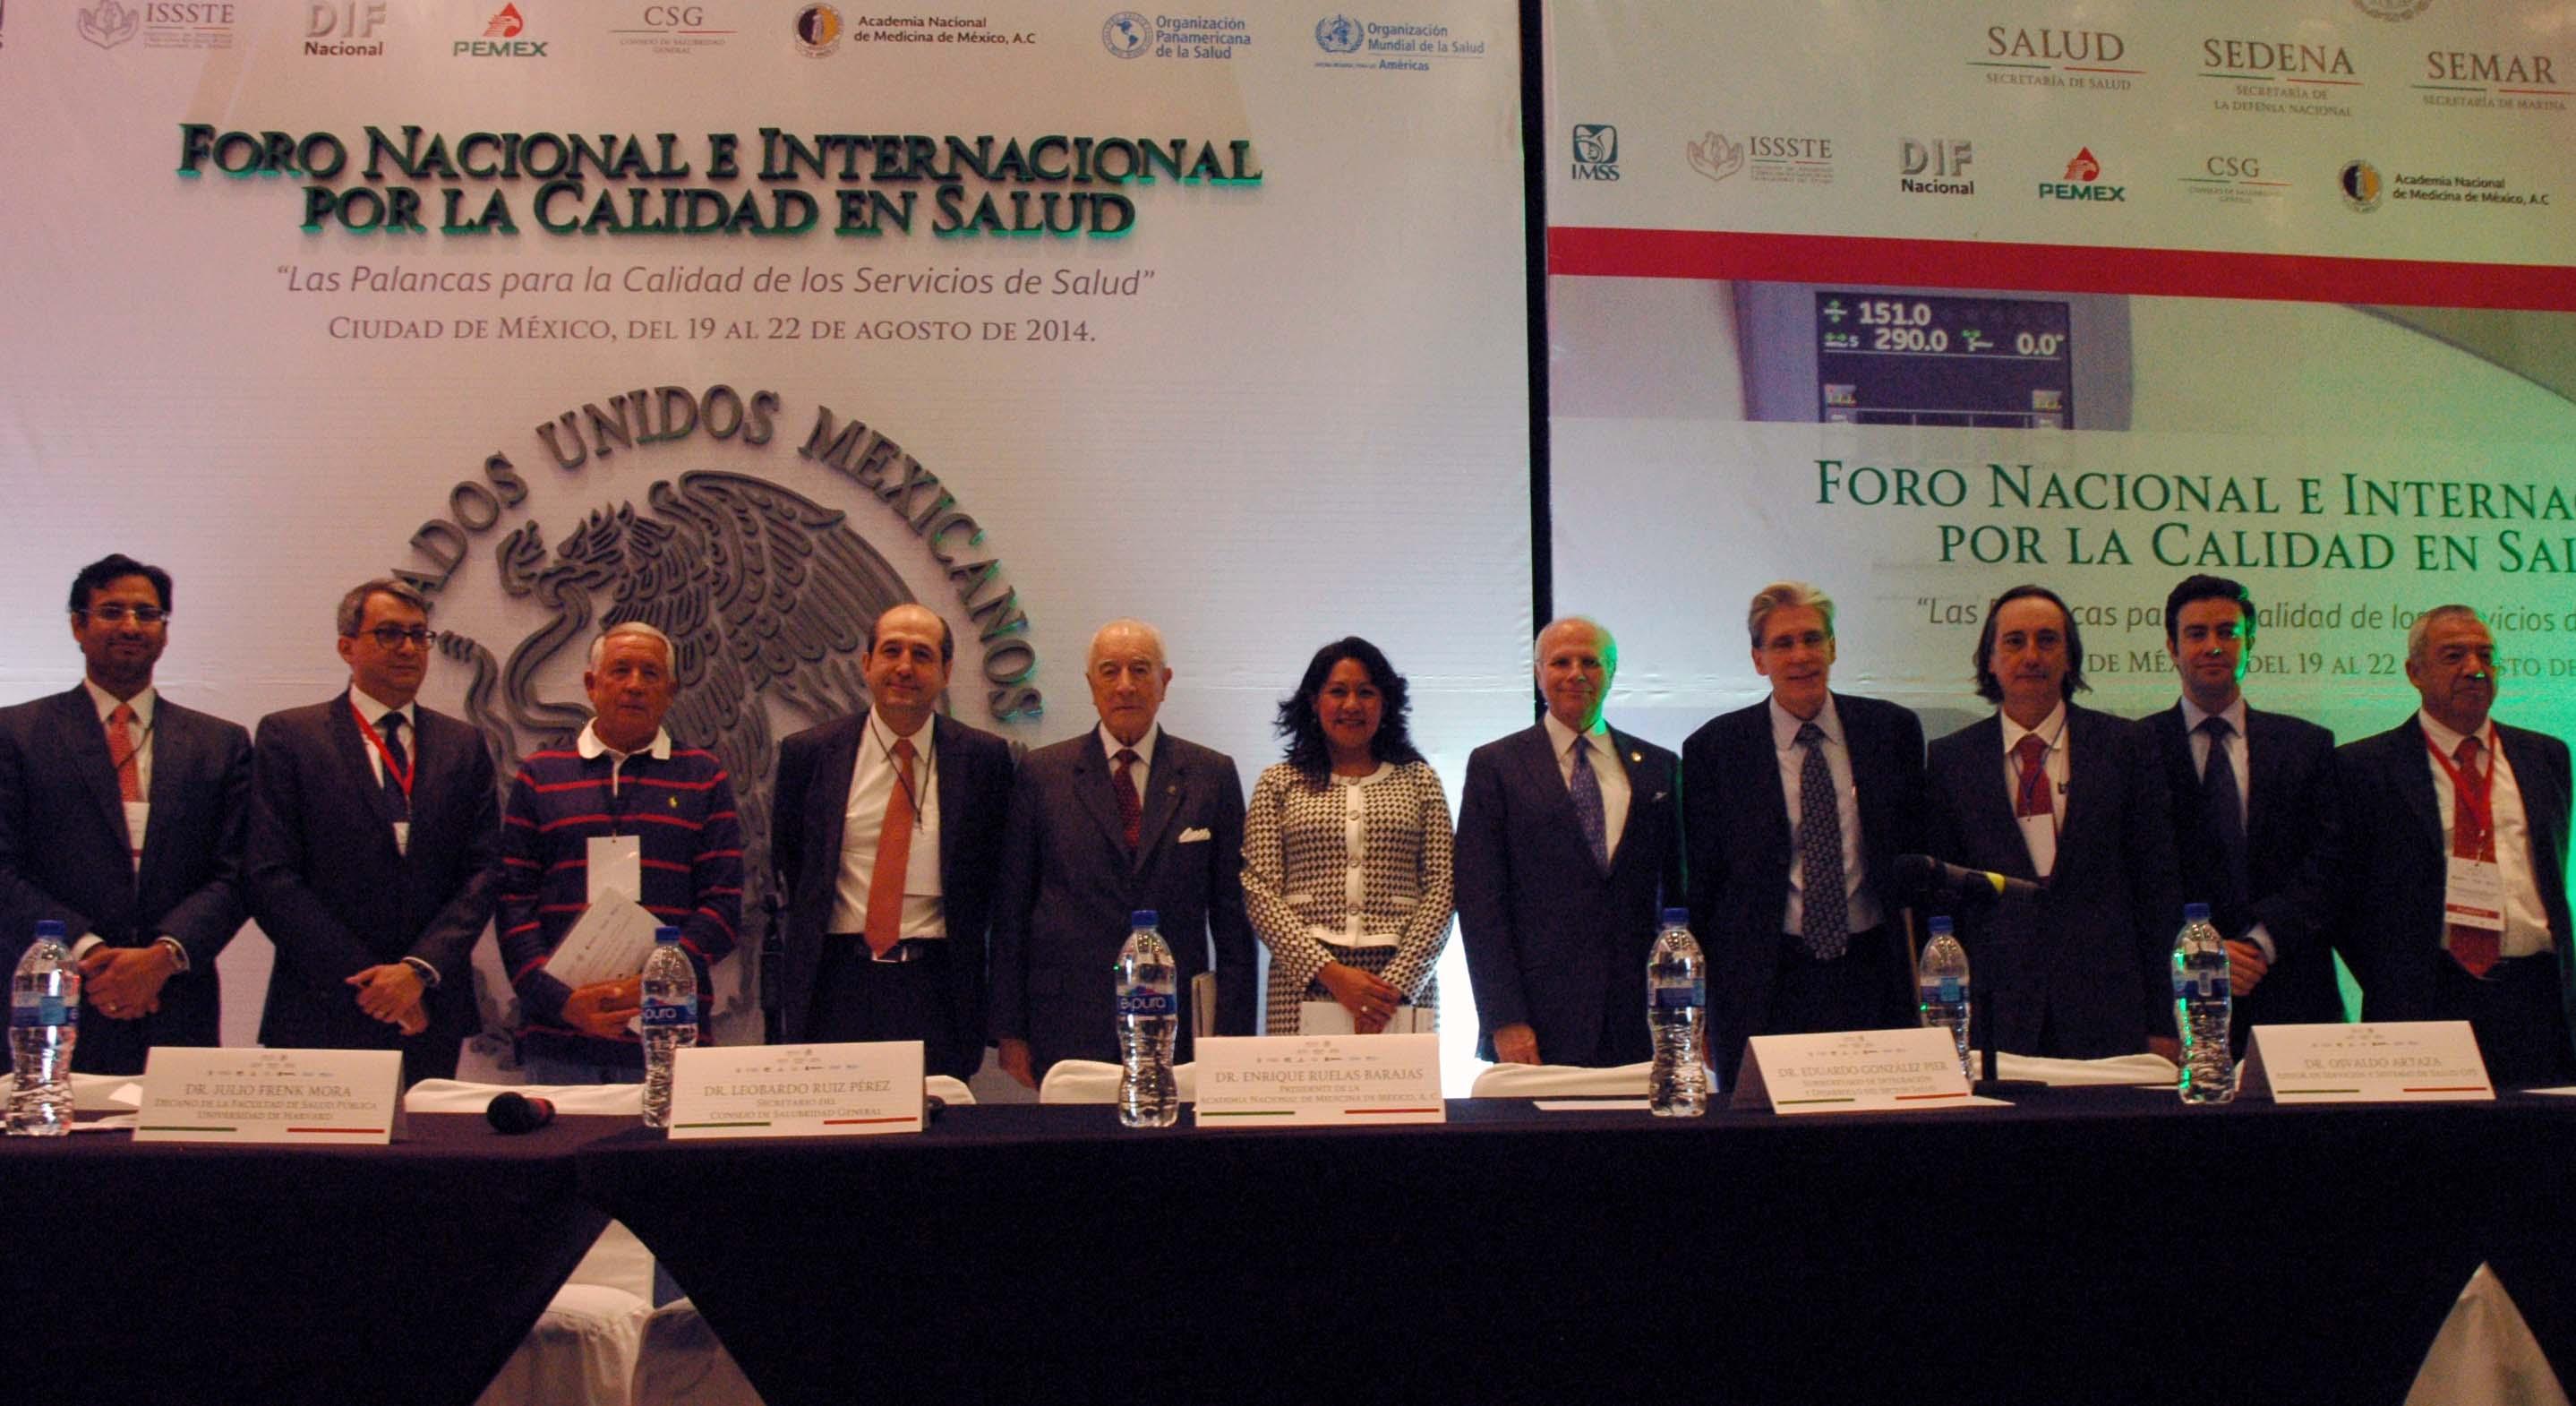 Encuentro Internacional para la Calidad del Sistema Nacional de Salud